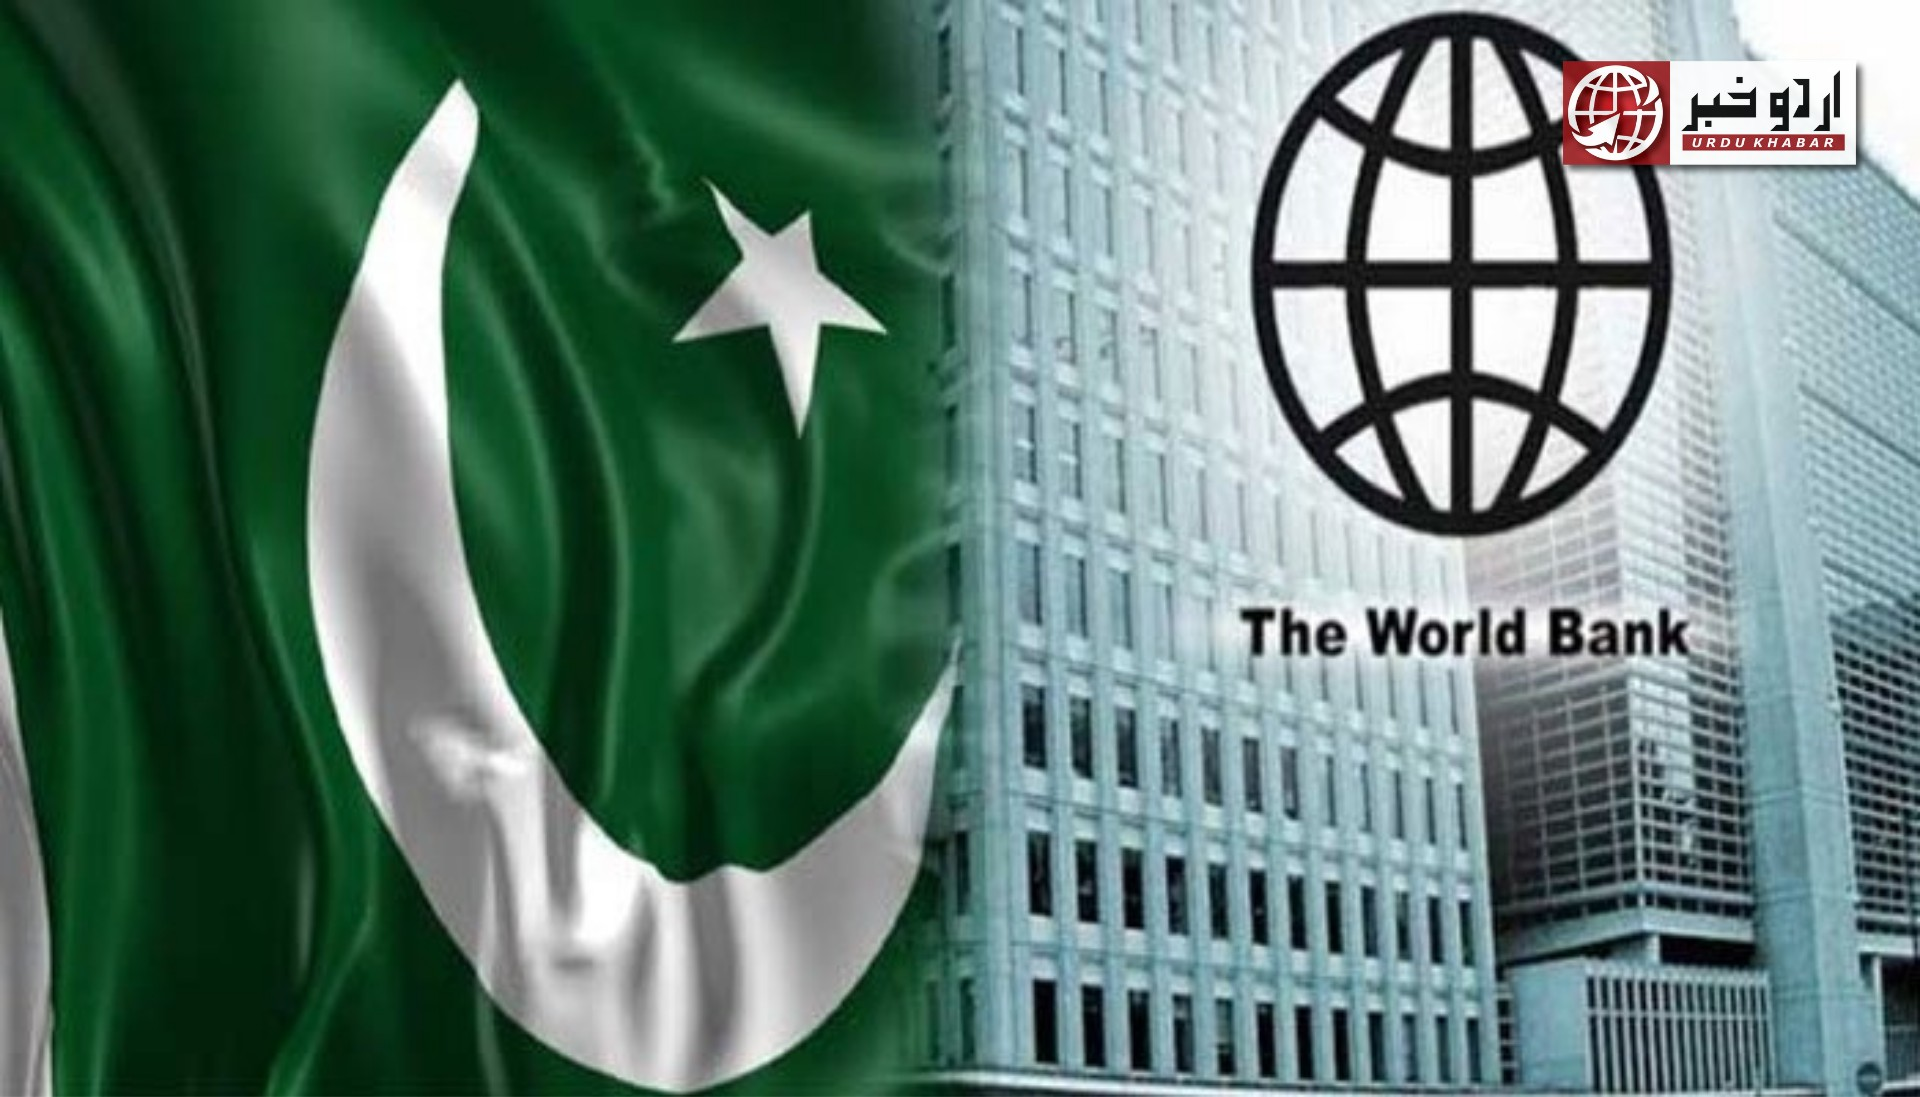 عالمی بینک کی پاکستان کو 50 کروڑ ڈالر کی منظوری